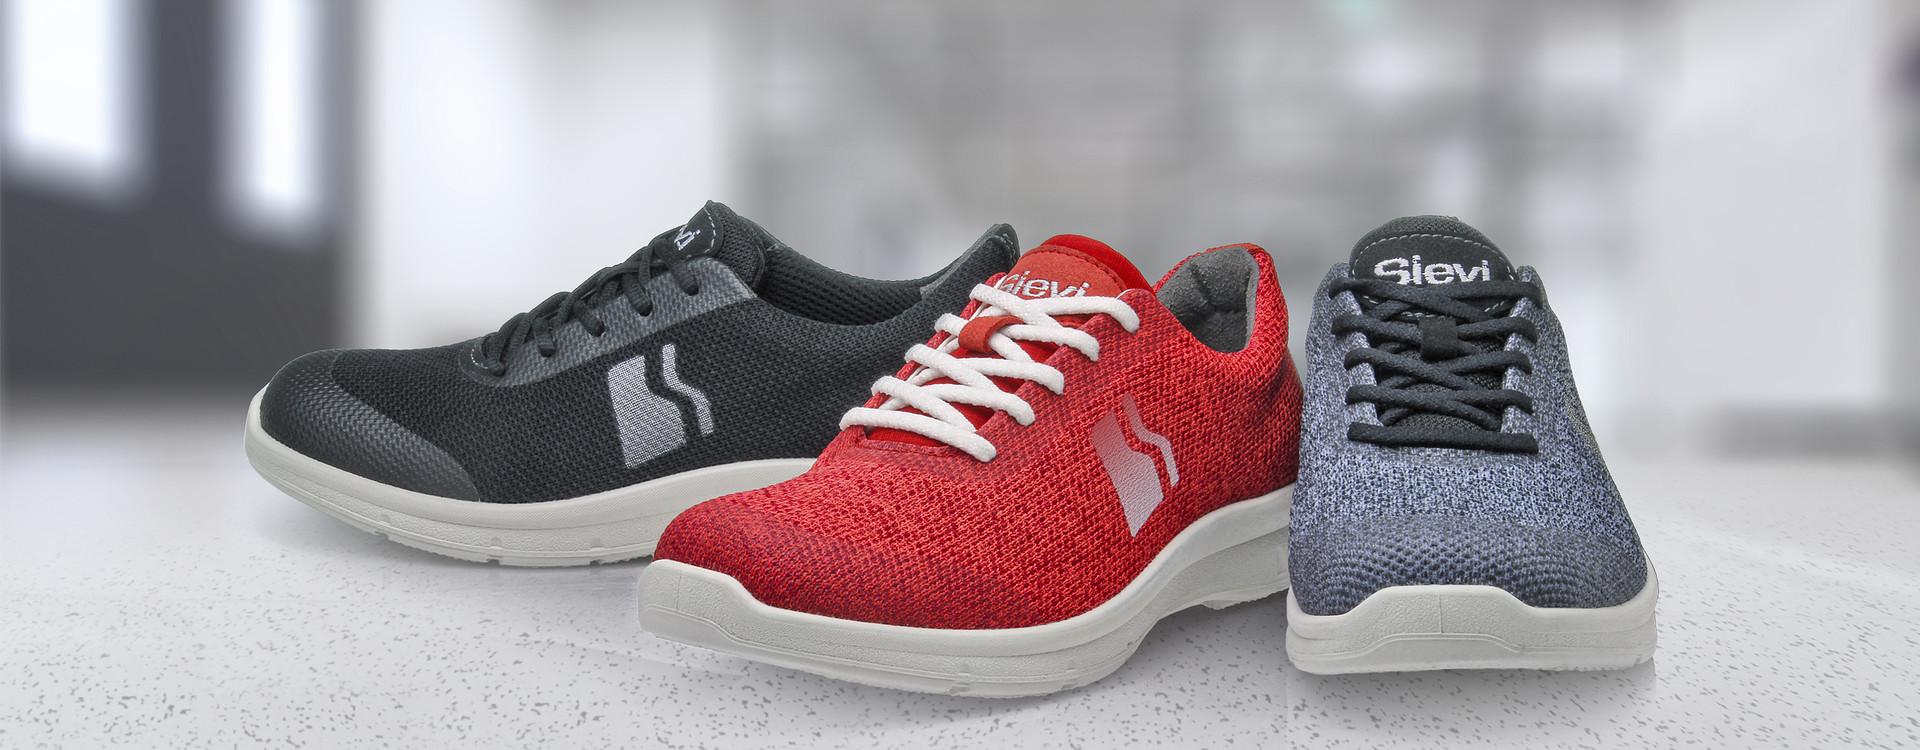 Sievi er den ledende produsenten i Nord Europa av sko, med